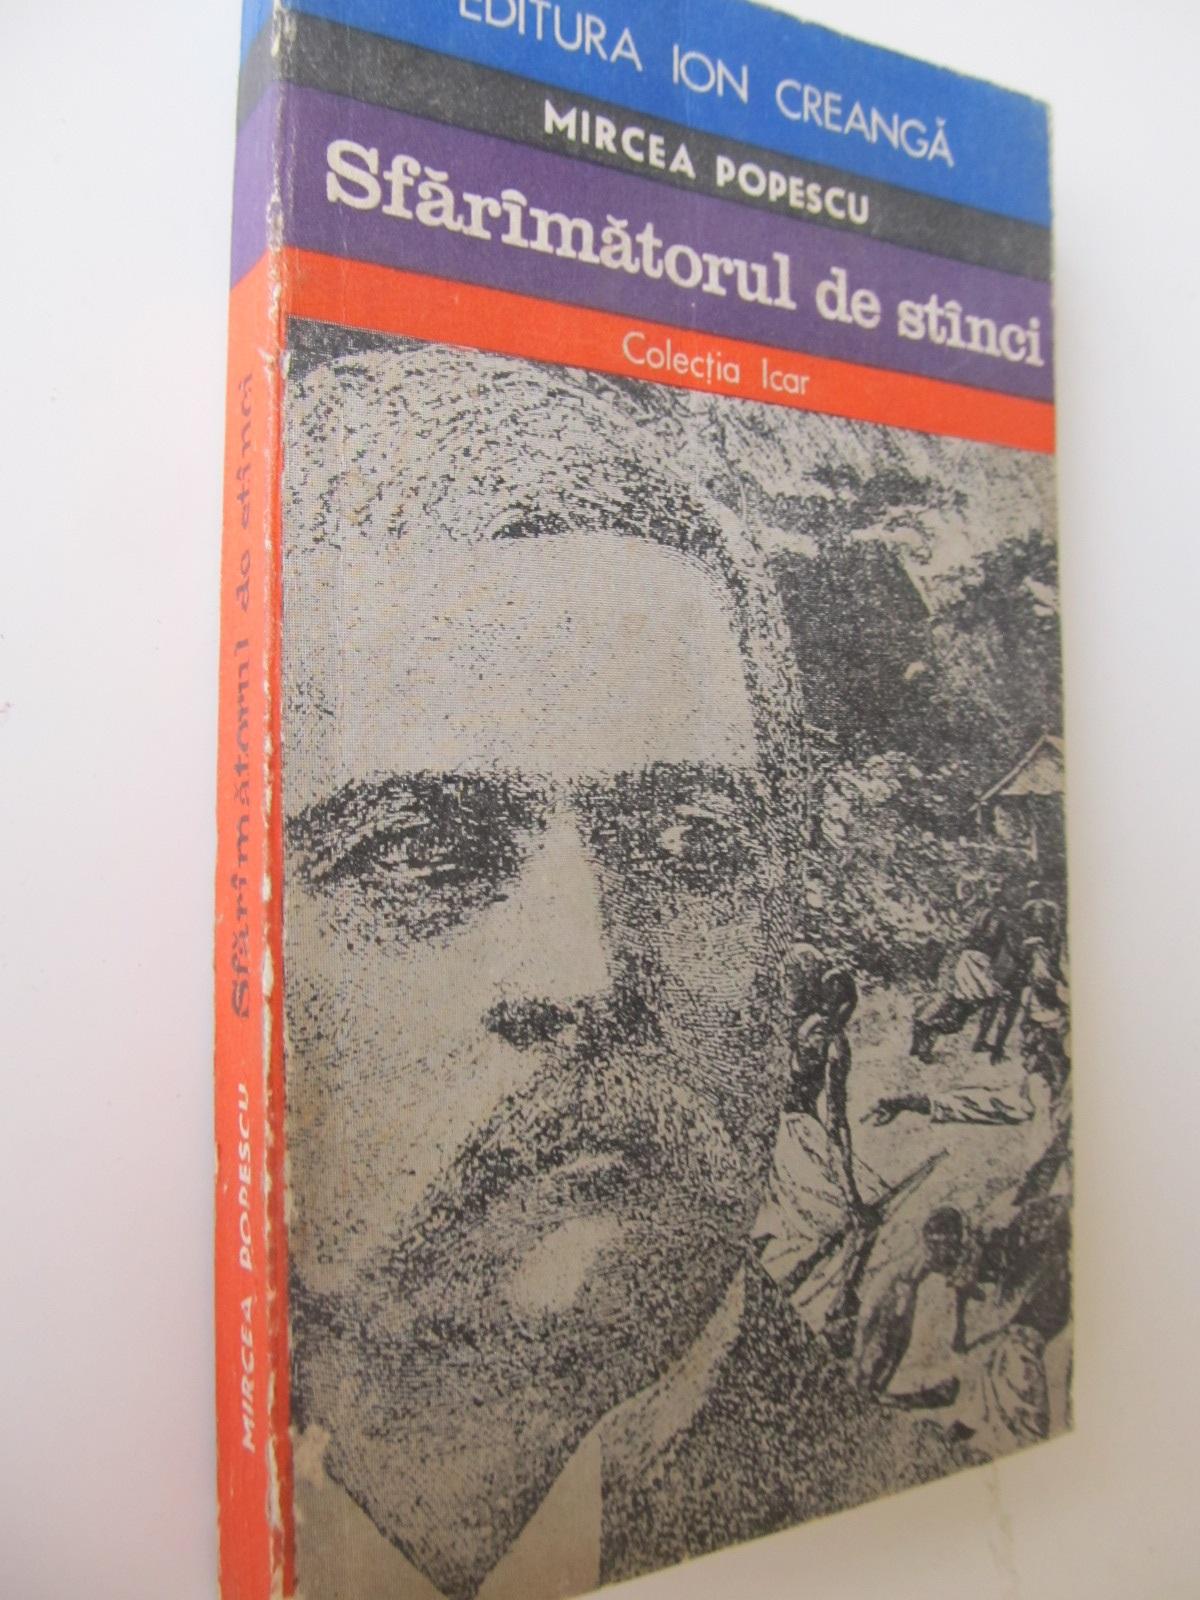 Sfaramatorul de stanci - Mircea Popescu | Detalii carte